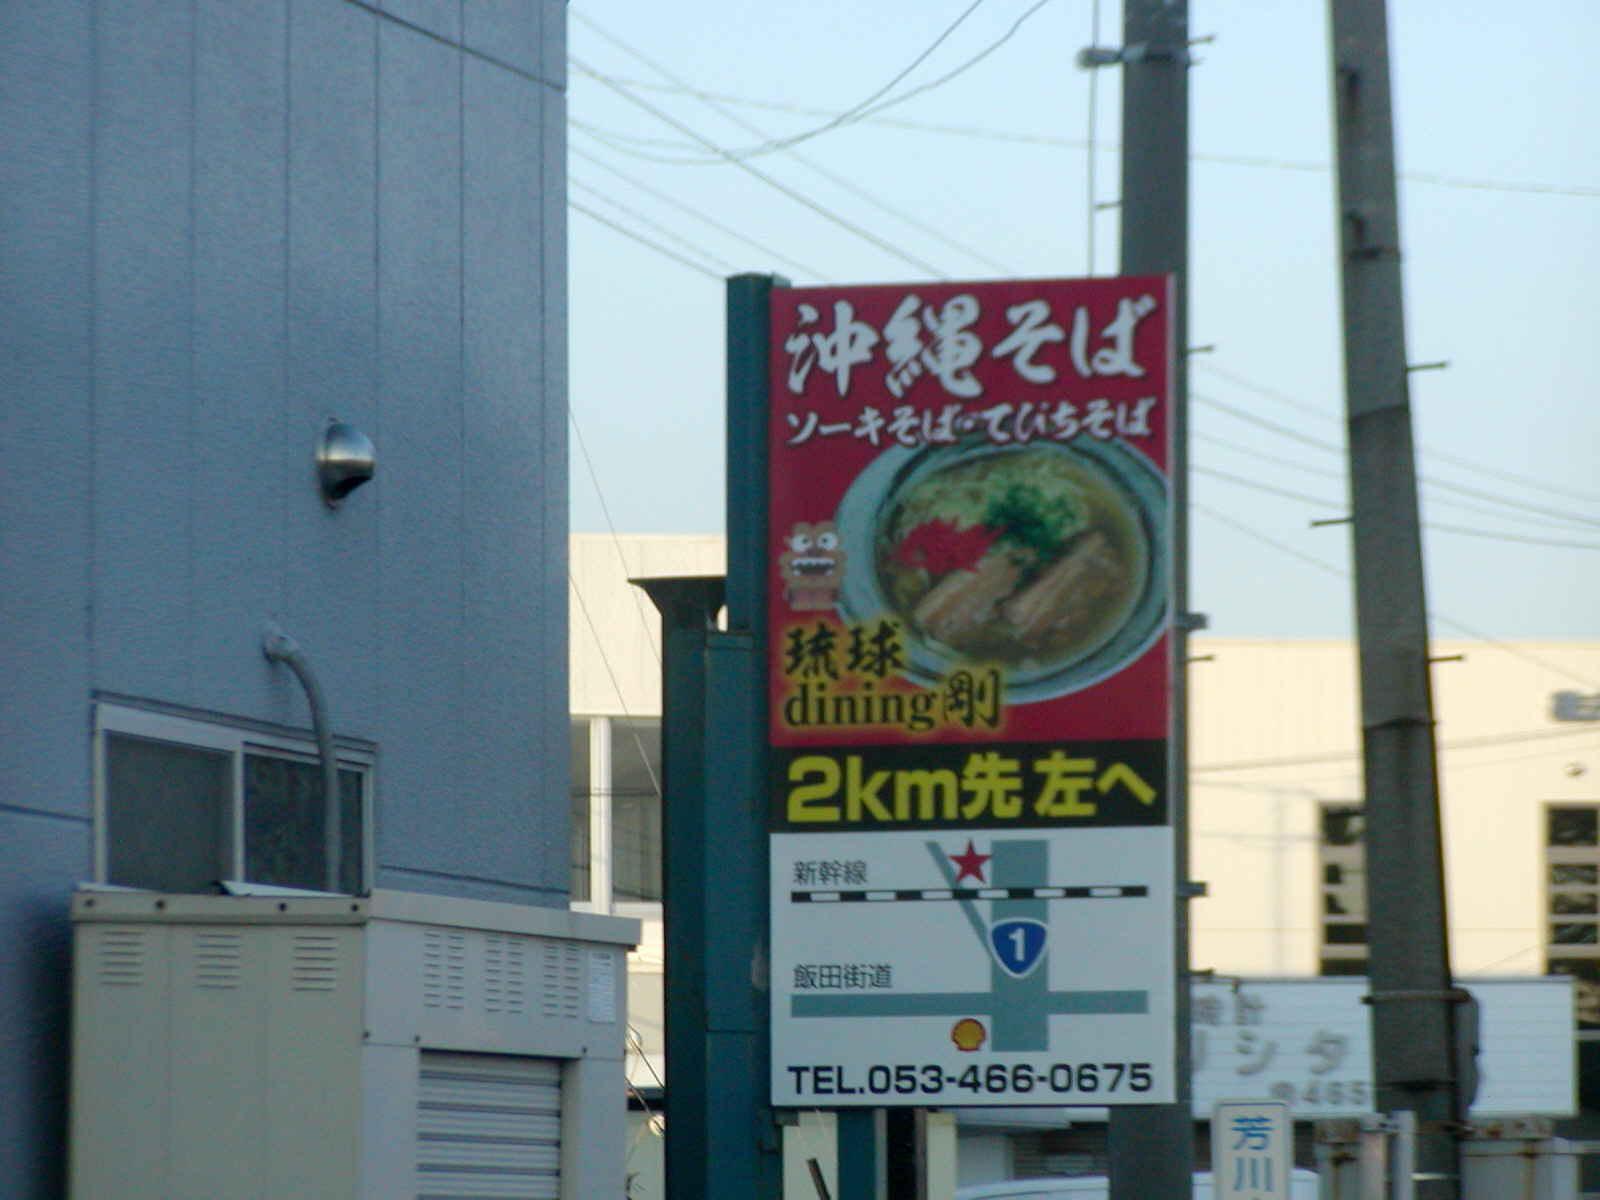 琉球dining剛【ソーキそば】 @浜松市南区飯田町